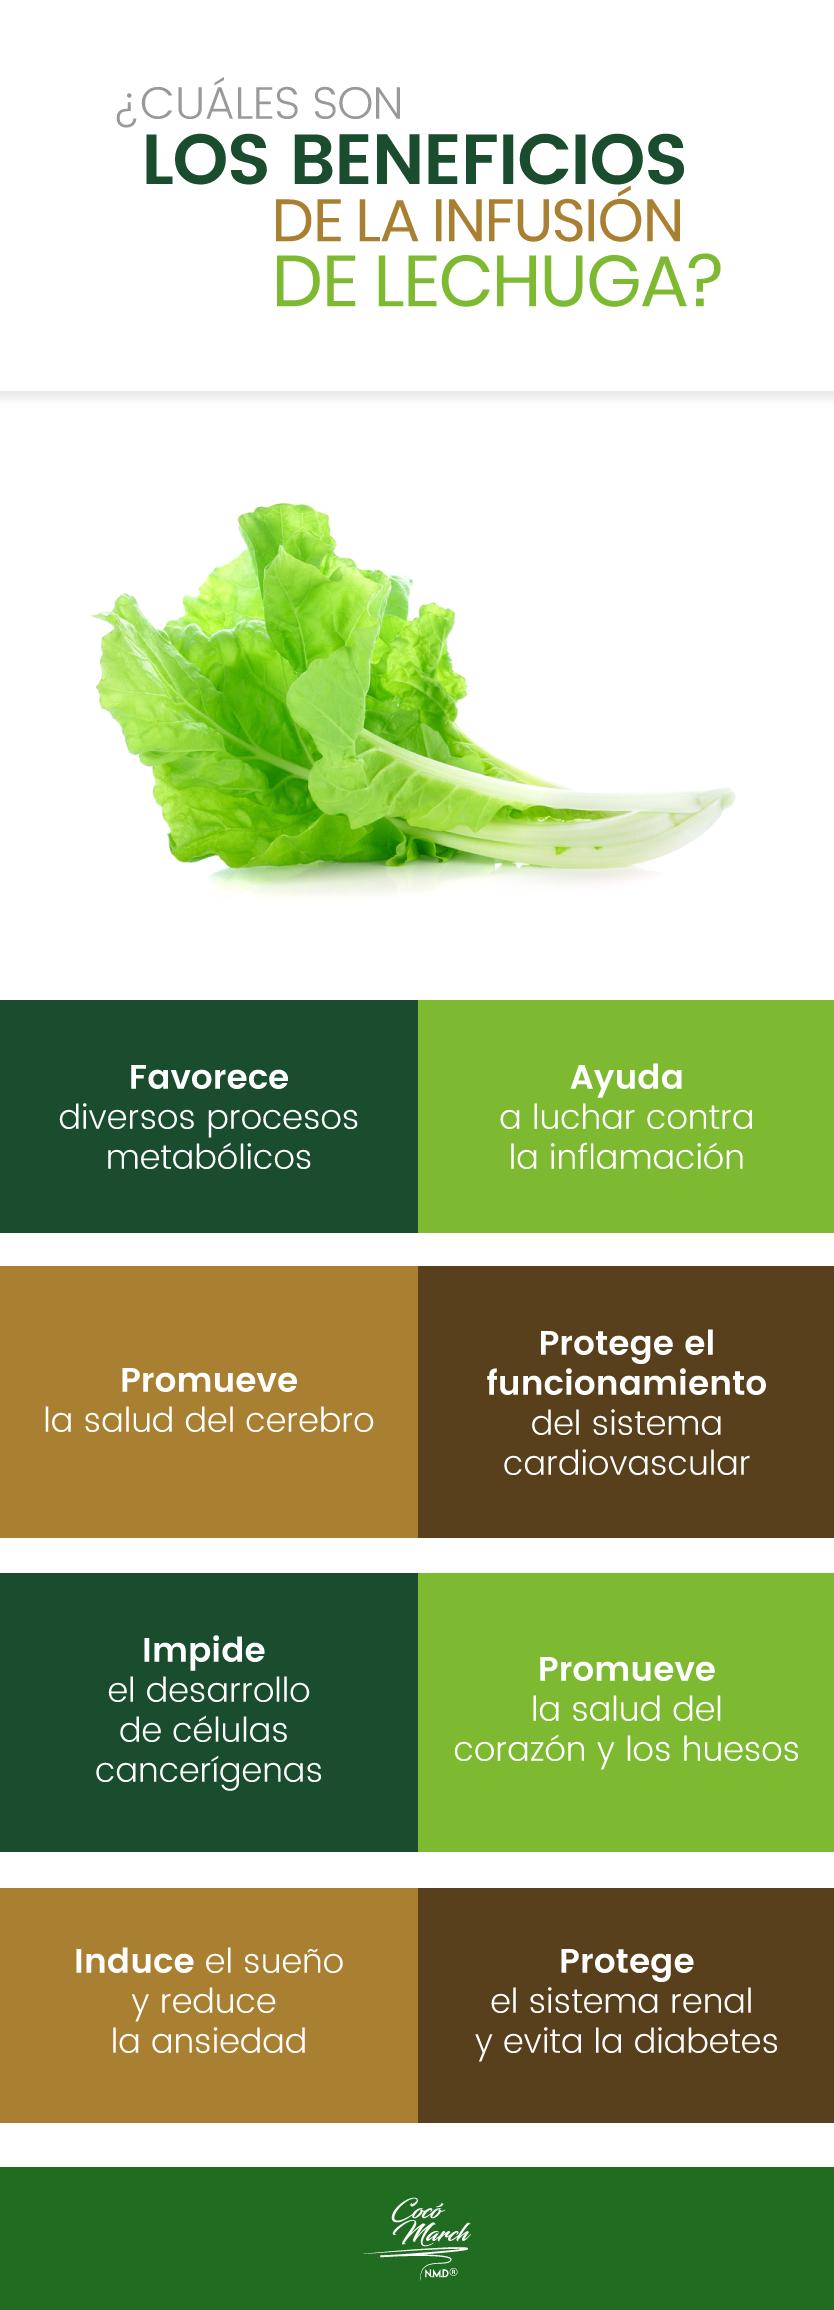 21 Ideas De Freskitas Beneficios De Alimentos Frutas Y Verduras Beneficios Salud